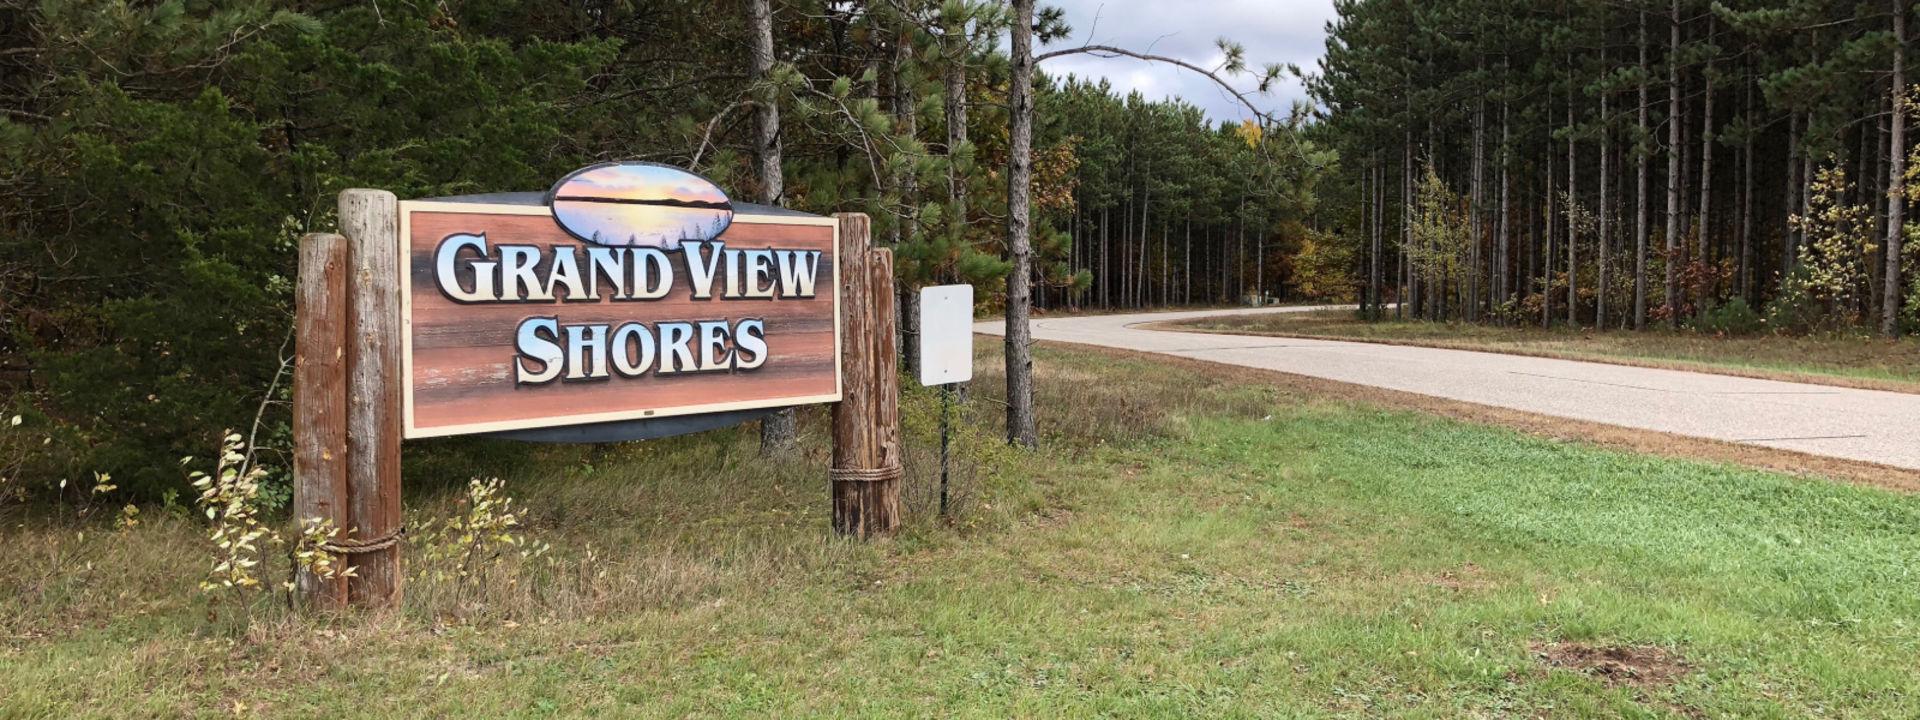 Grandview Shores